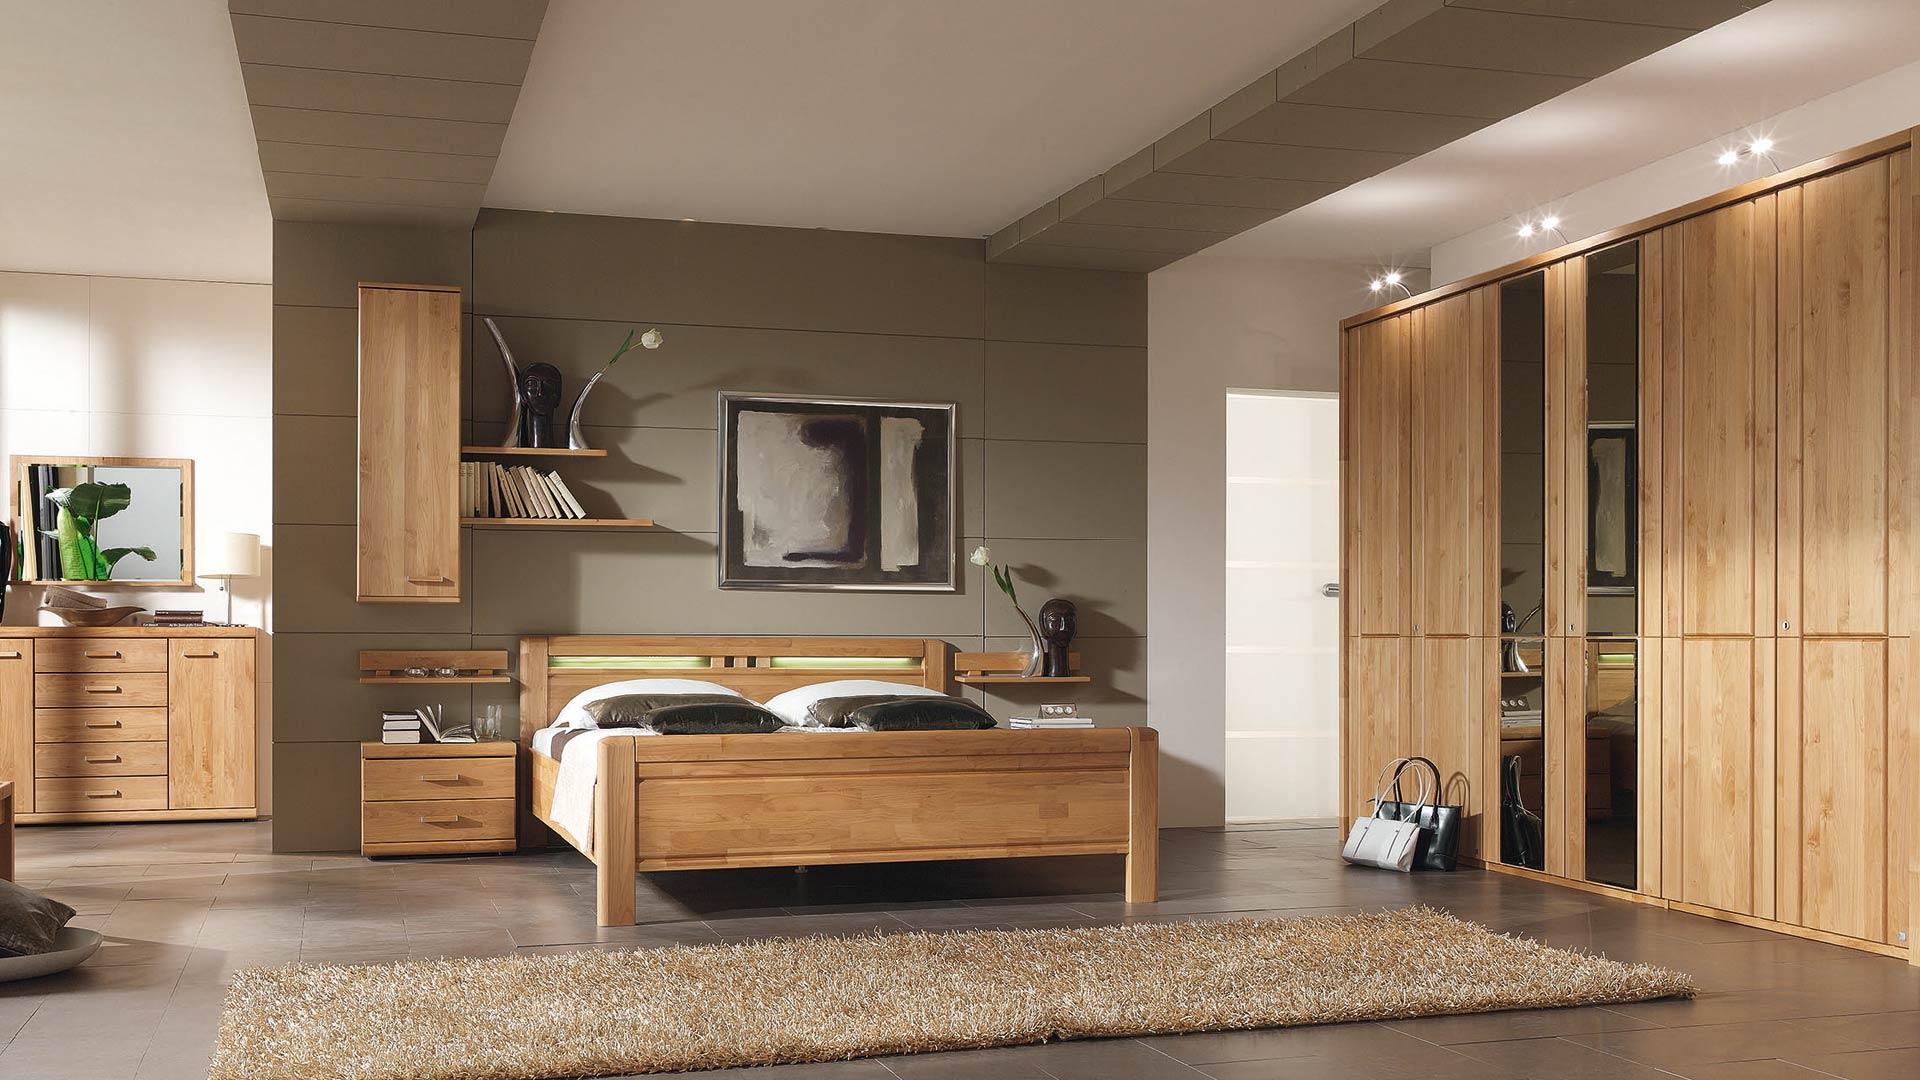 Möbelhaus In Lübeck möbel und küchen in kluetz nahe lübeck und wismar möbelhaus domres